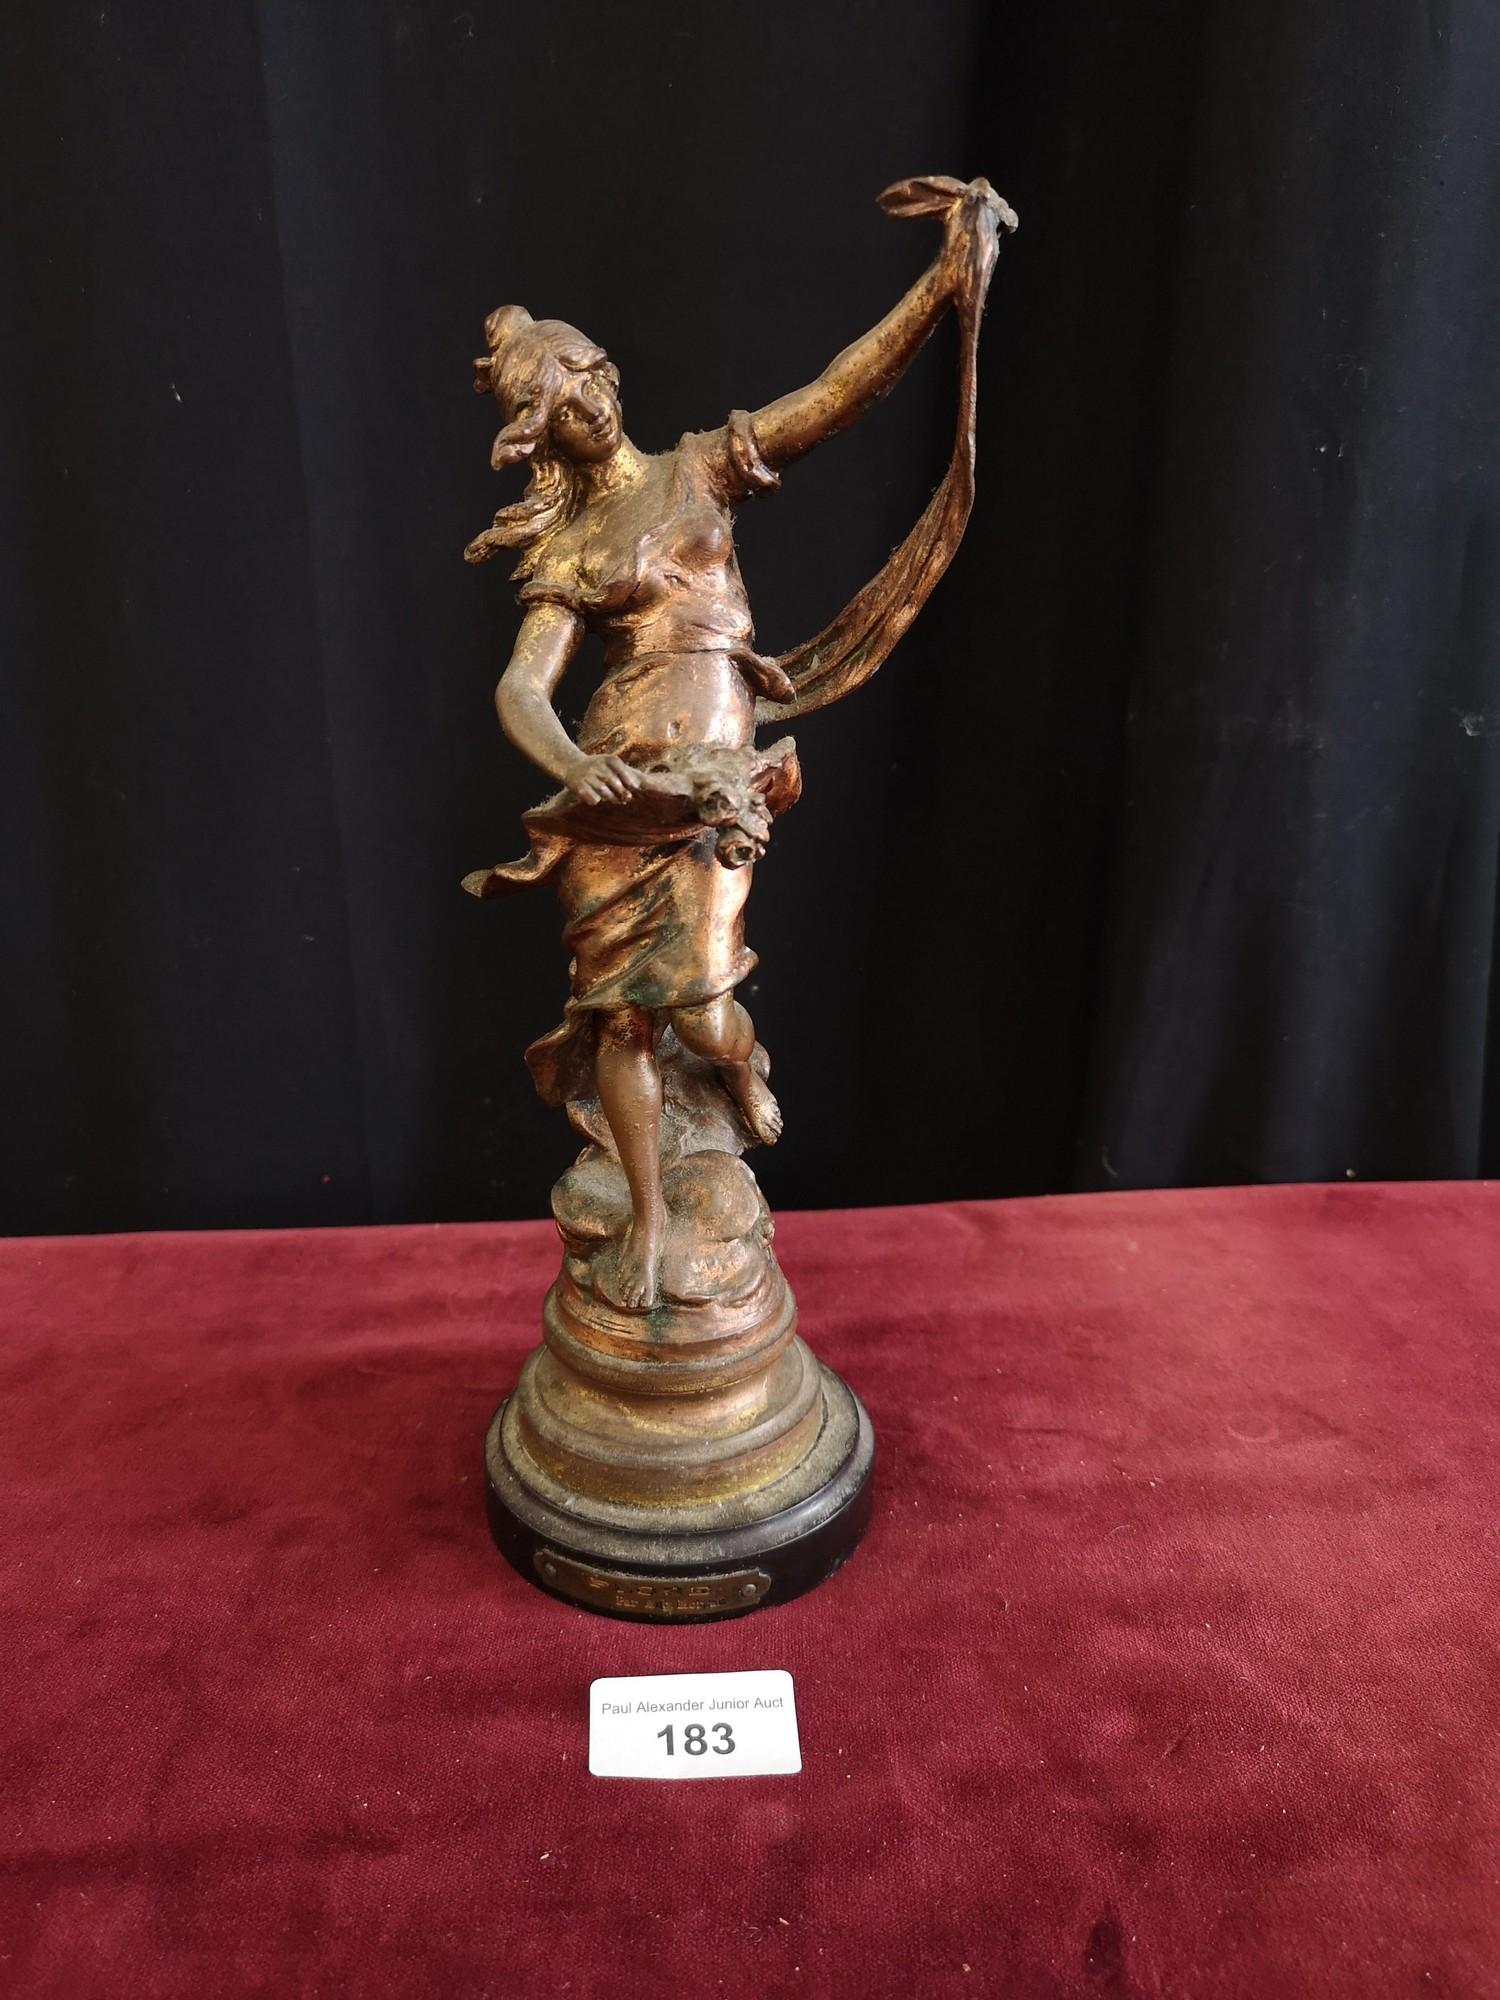 Cast metal spelter figure. 26 cm in height.